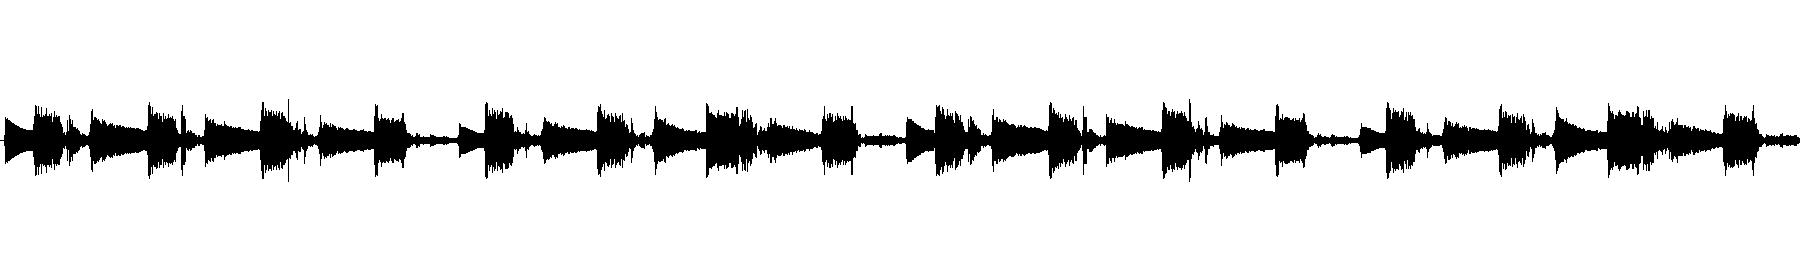 guitar delay